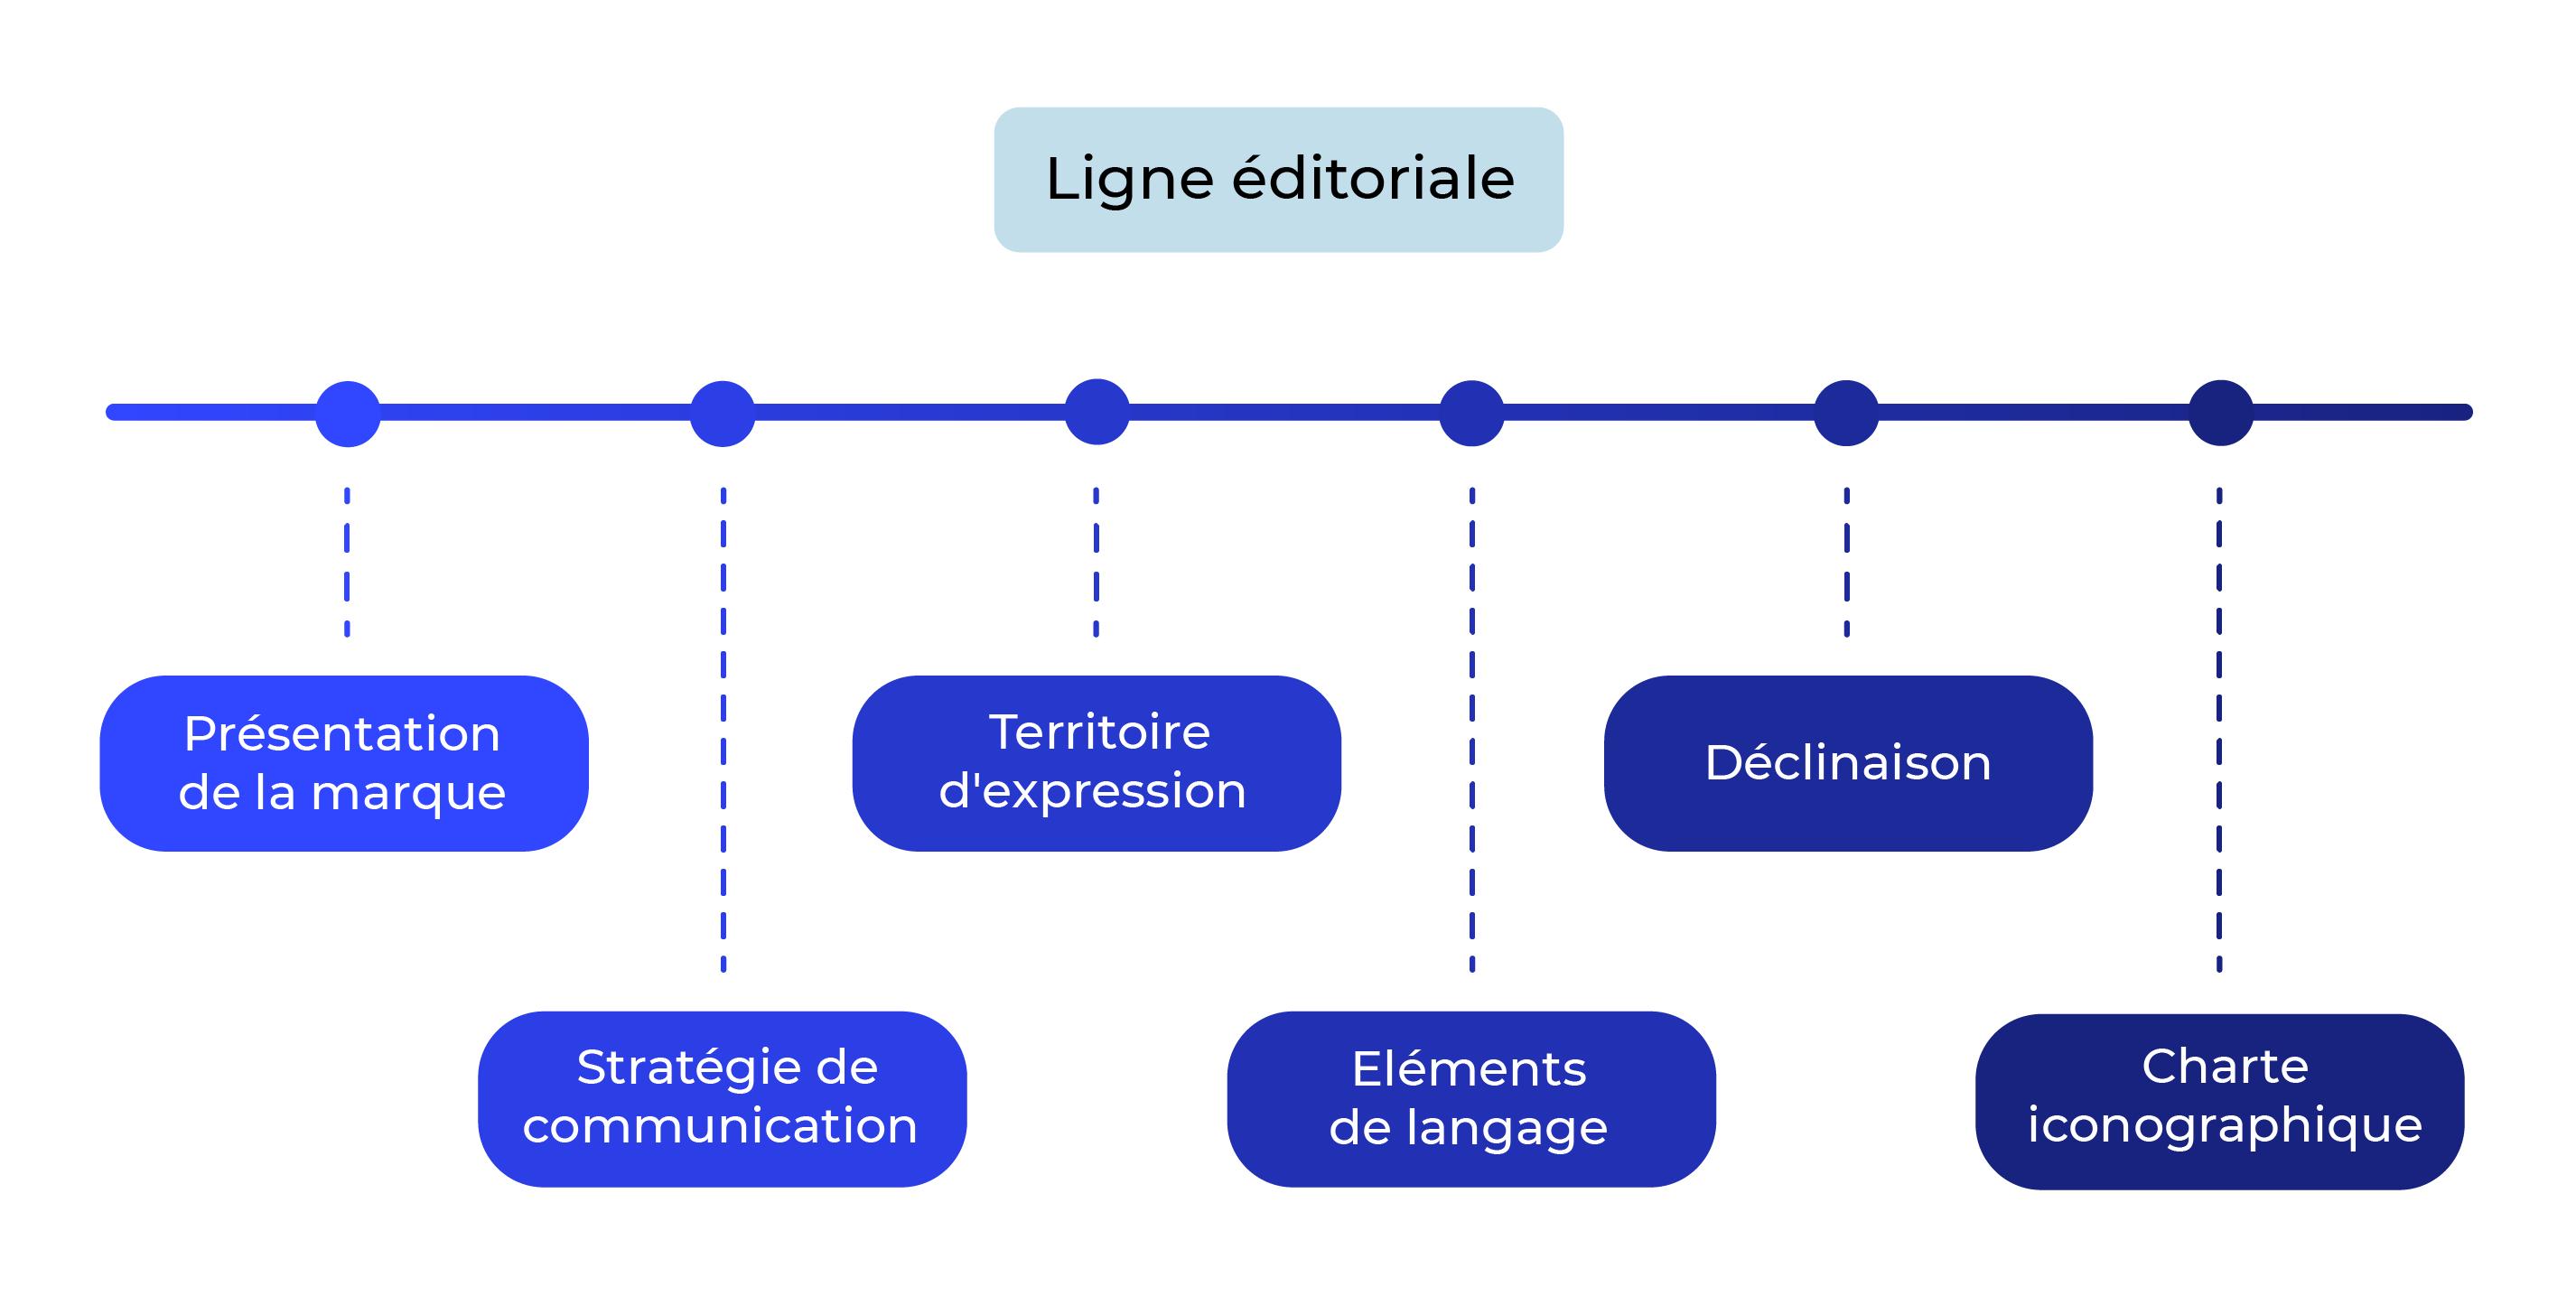 Ligne horizontale avec plusieurs points étapes de gauche à droite : présentation de la marque, stratégie de communication, territoire d'expression, éléments de langage, déclinaison, charte iconographique